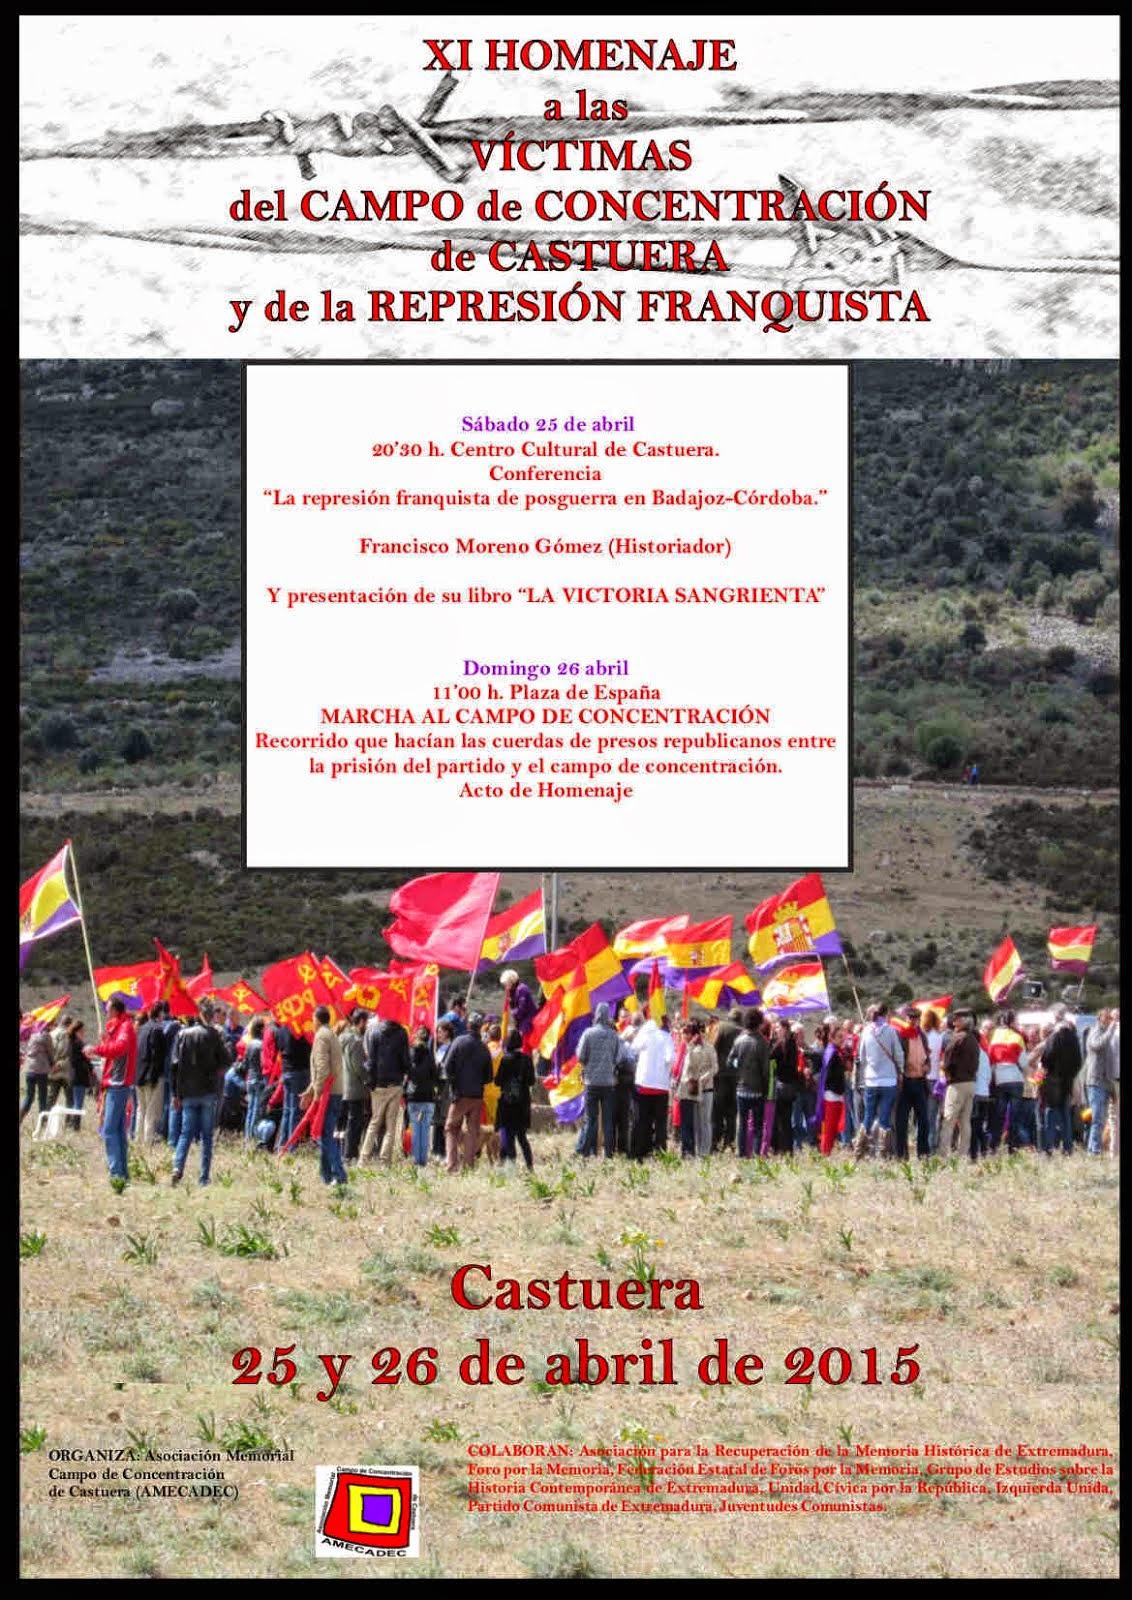 XI HOMENAJE A LAS VÍCTIMAS DEL CAMPO DE CONCENTRACIÓN DE CASTUERA Y DE LA REPRESIÓN FRANQUISTA